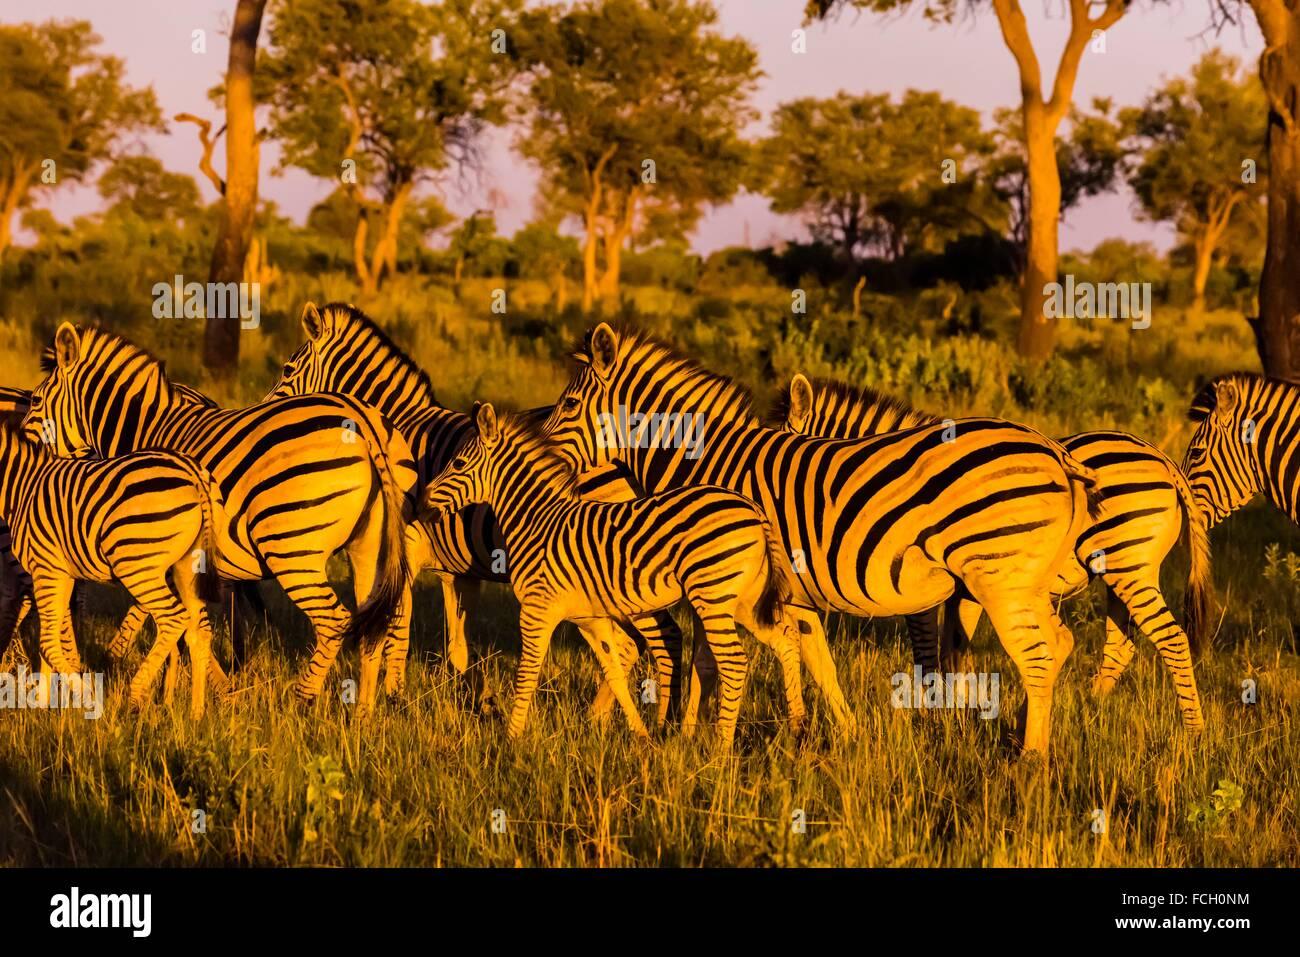 Una mandria di zebre raccogliere insieme come approccio Lions, concessione Kwando, Linyanti paludi, il Botswana. Immagini Stock